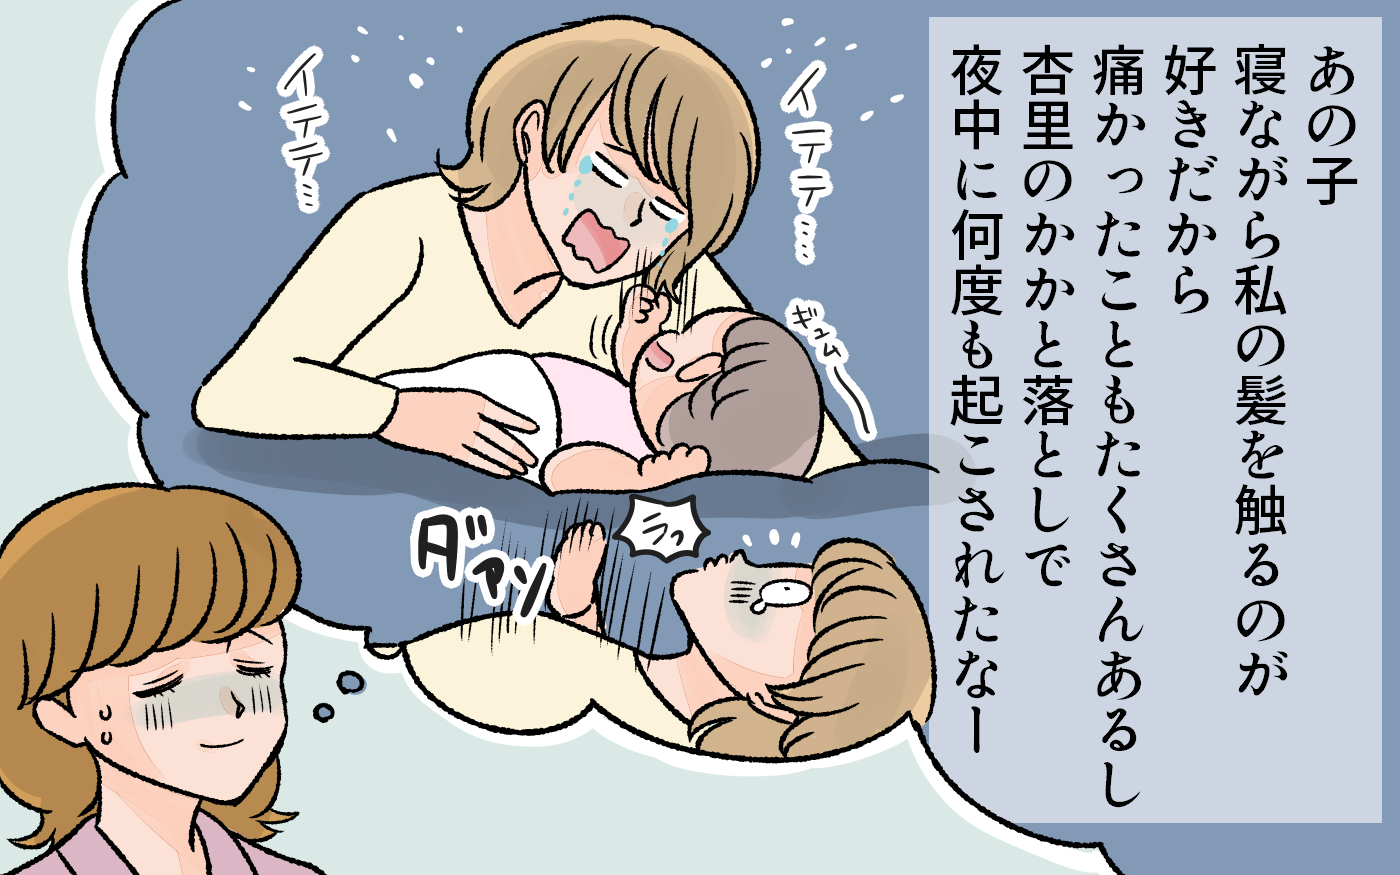 ママと寝るのは恥ずかしい!? 寂しがるのは親ばかリ/子どもの成長が喜べないママ(2)